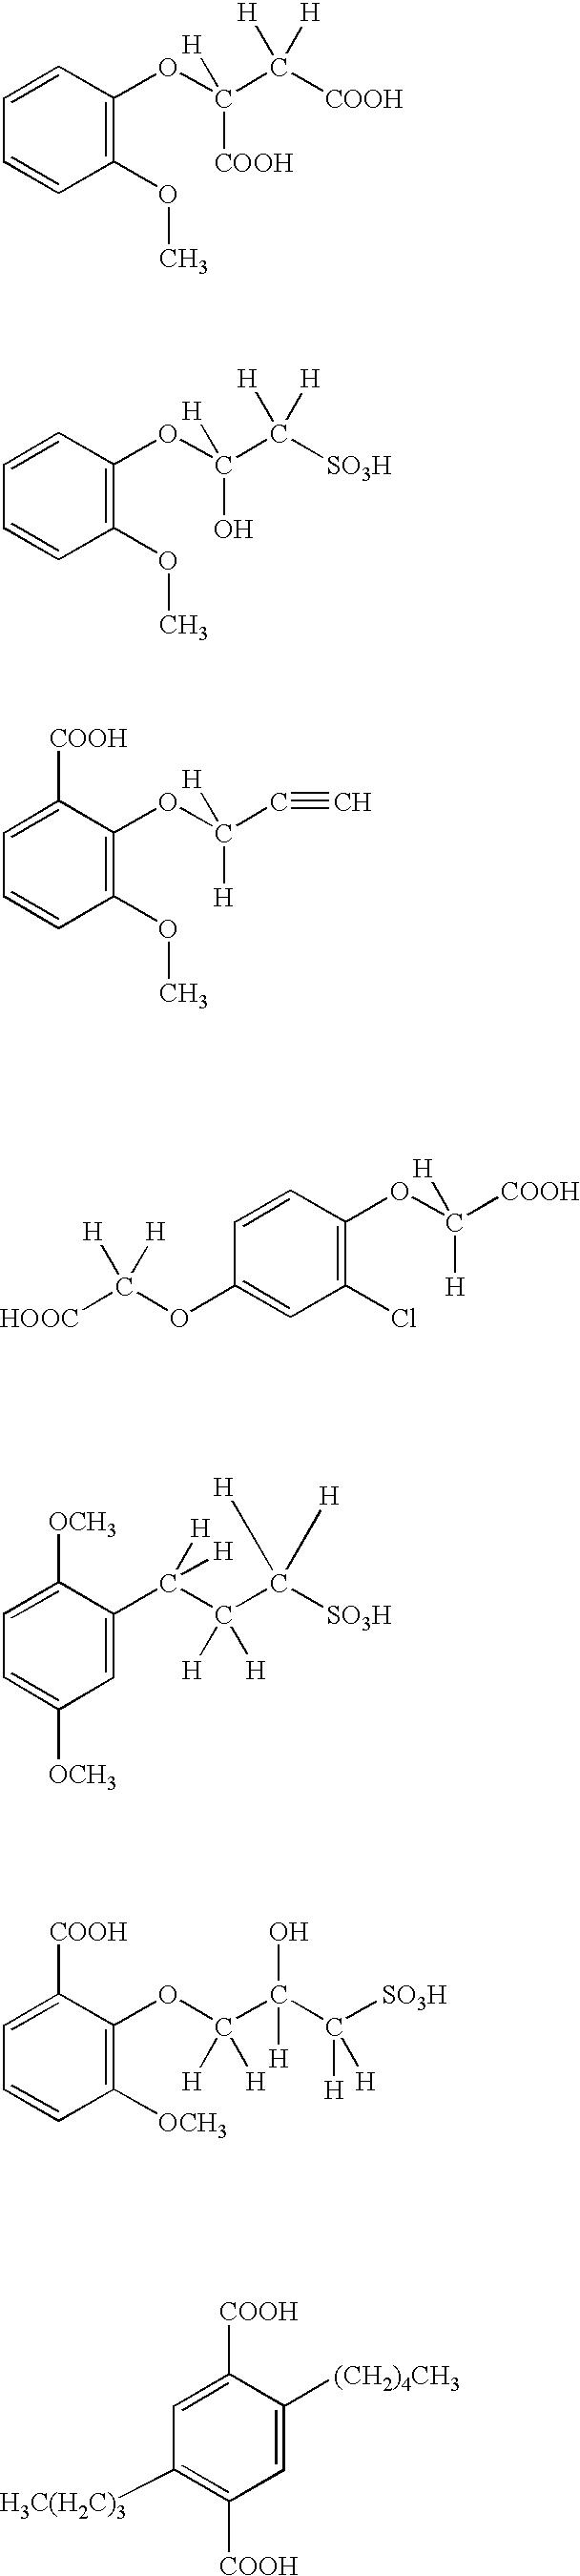 Figure US06861458-20050301-C00039